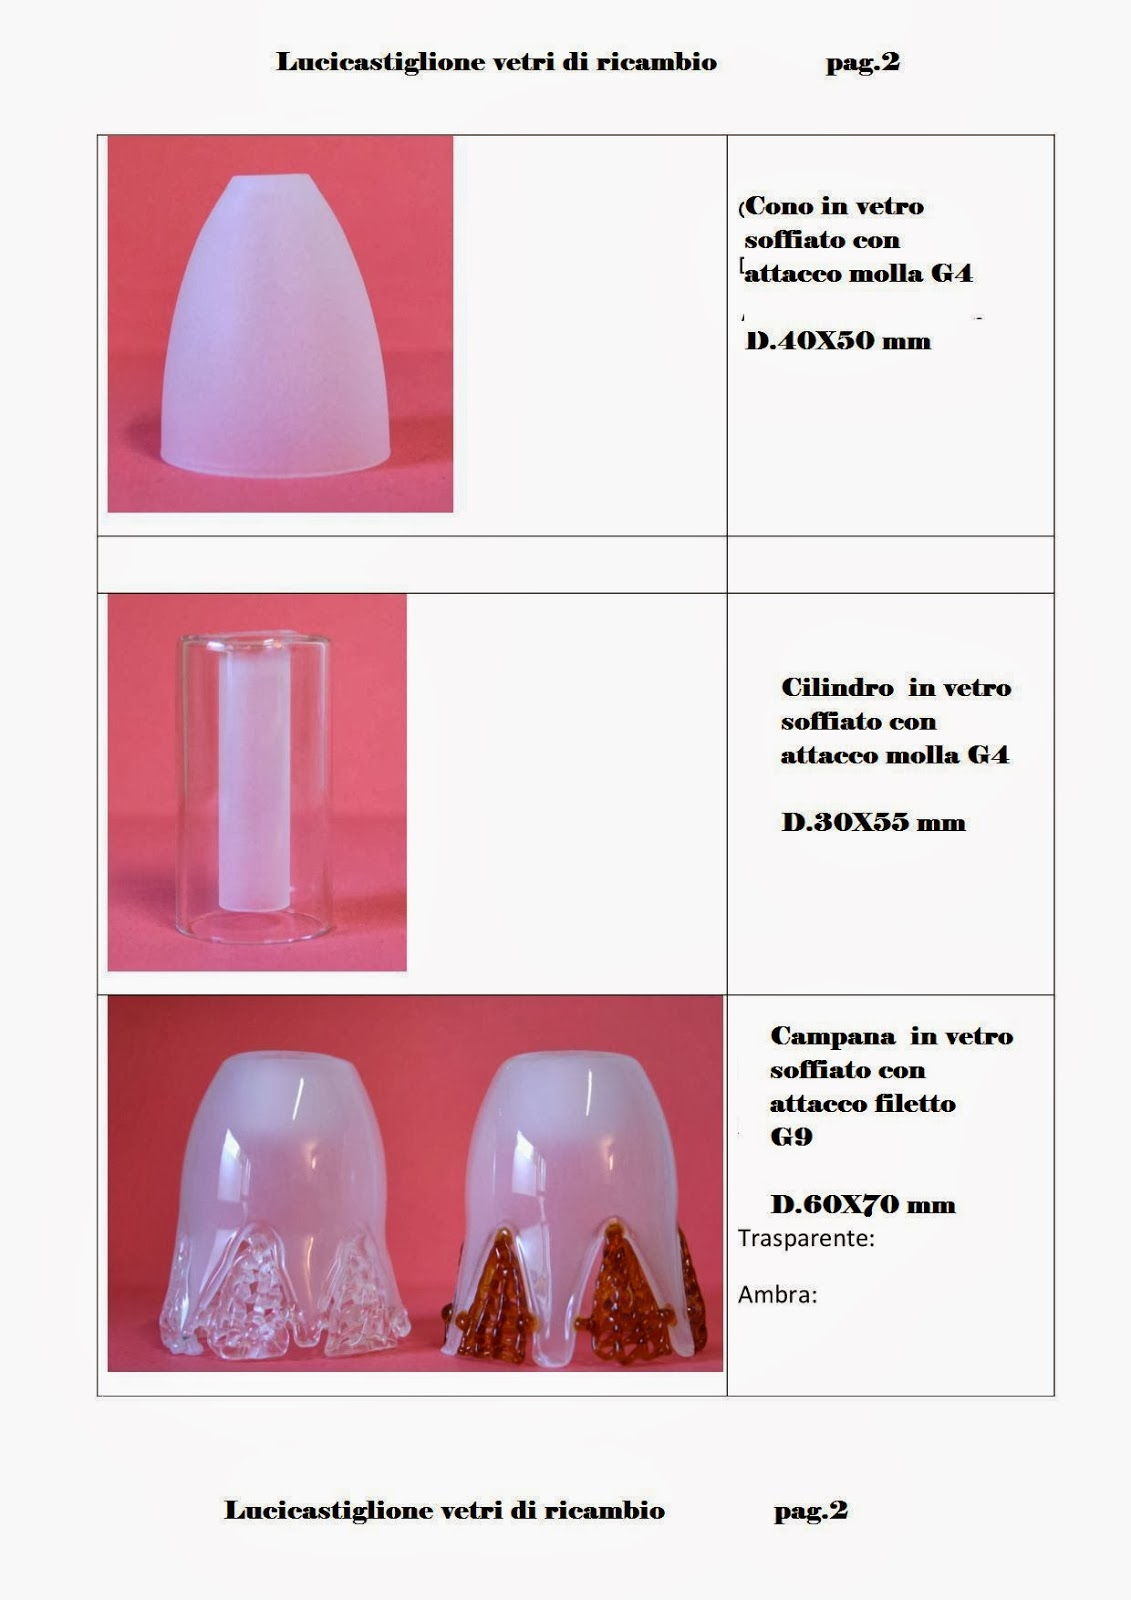 ricambi lampadari murano : Ricambi per lampadari in vetro di Murano: Catalogo ricambi in vetro ...